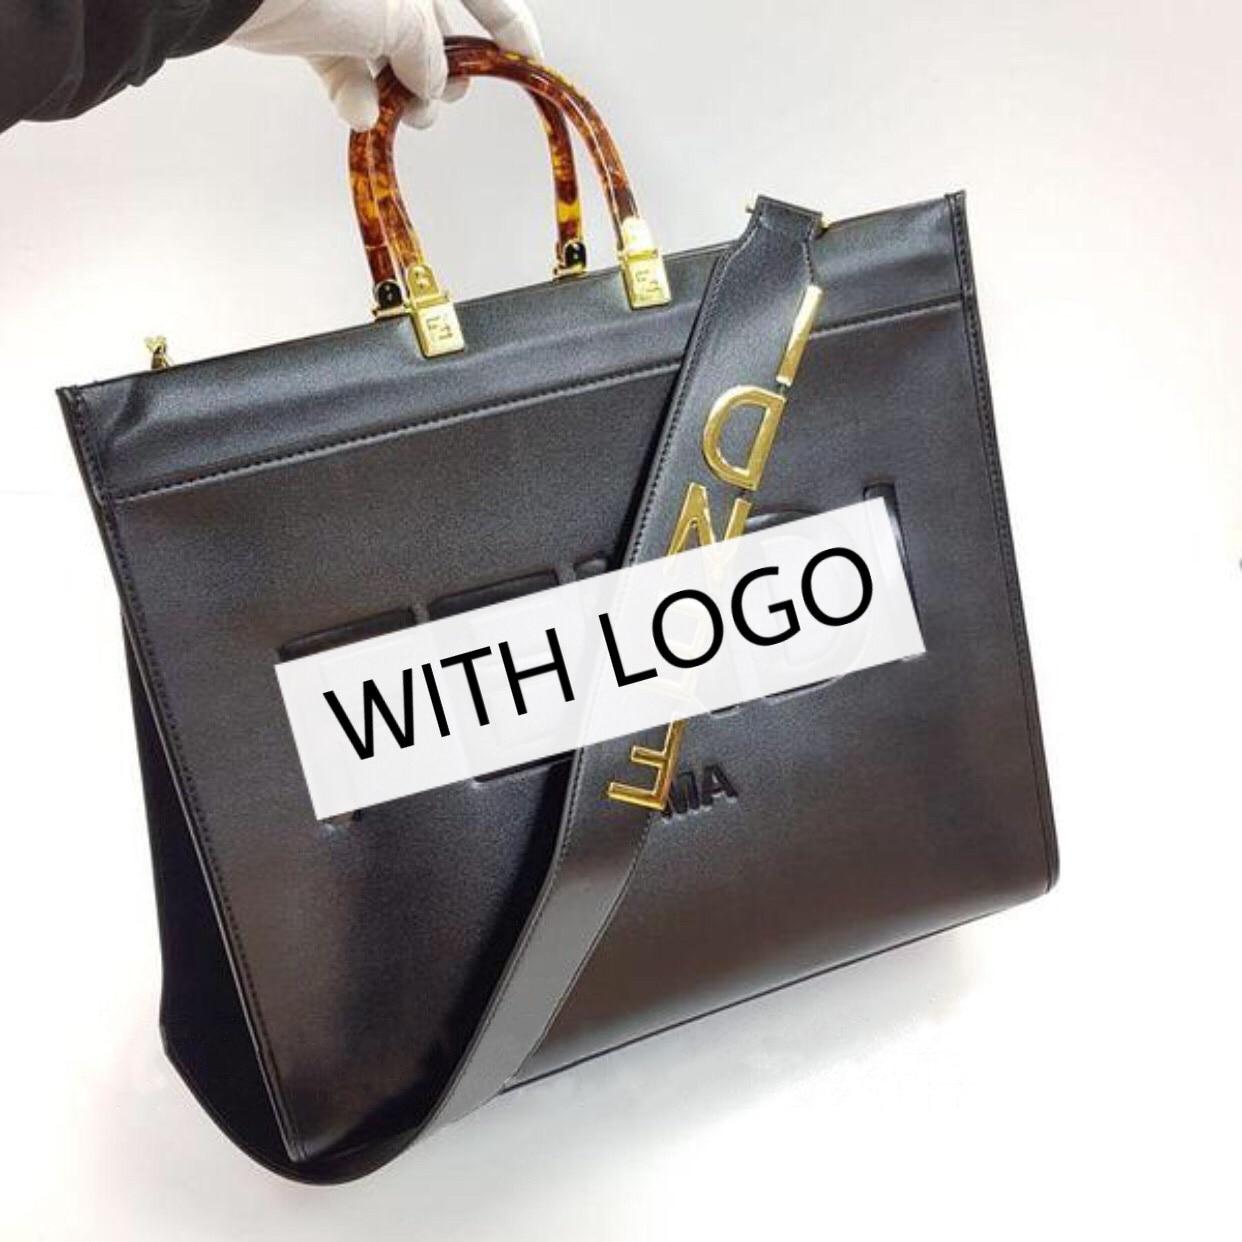 2021 женская кожаная сумка-шоппер, 100% натуральная кожа, оригинал бренд, из натуральной кожи, роскошная брендовая сумка Fen